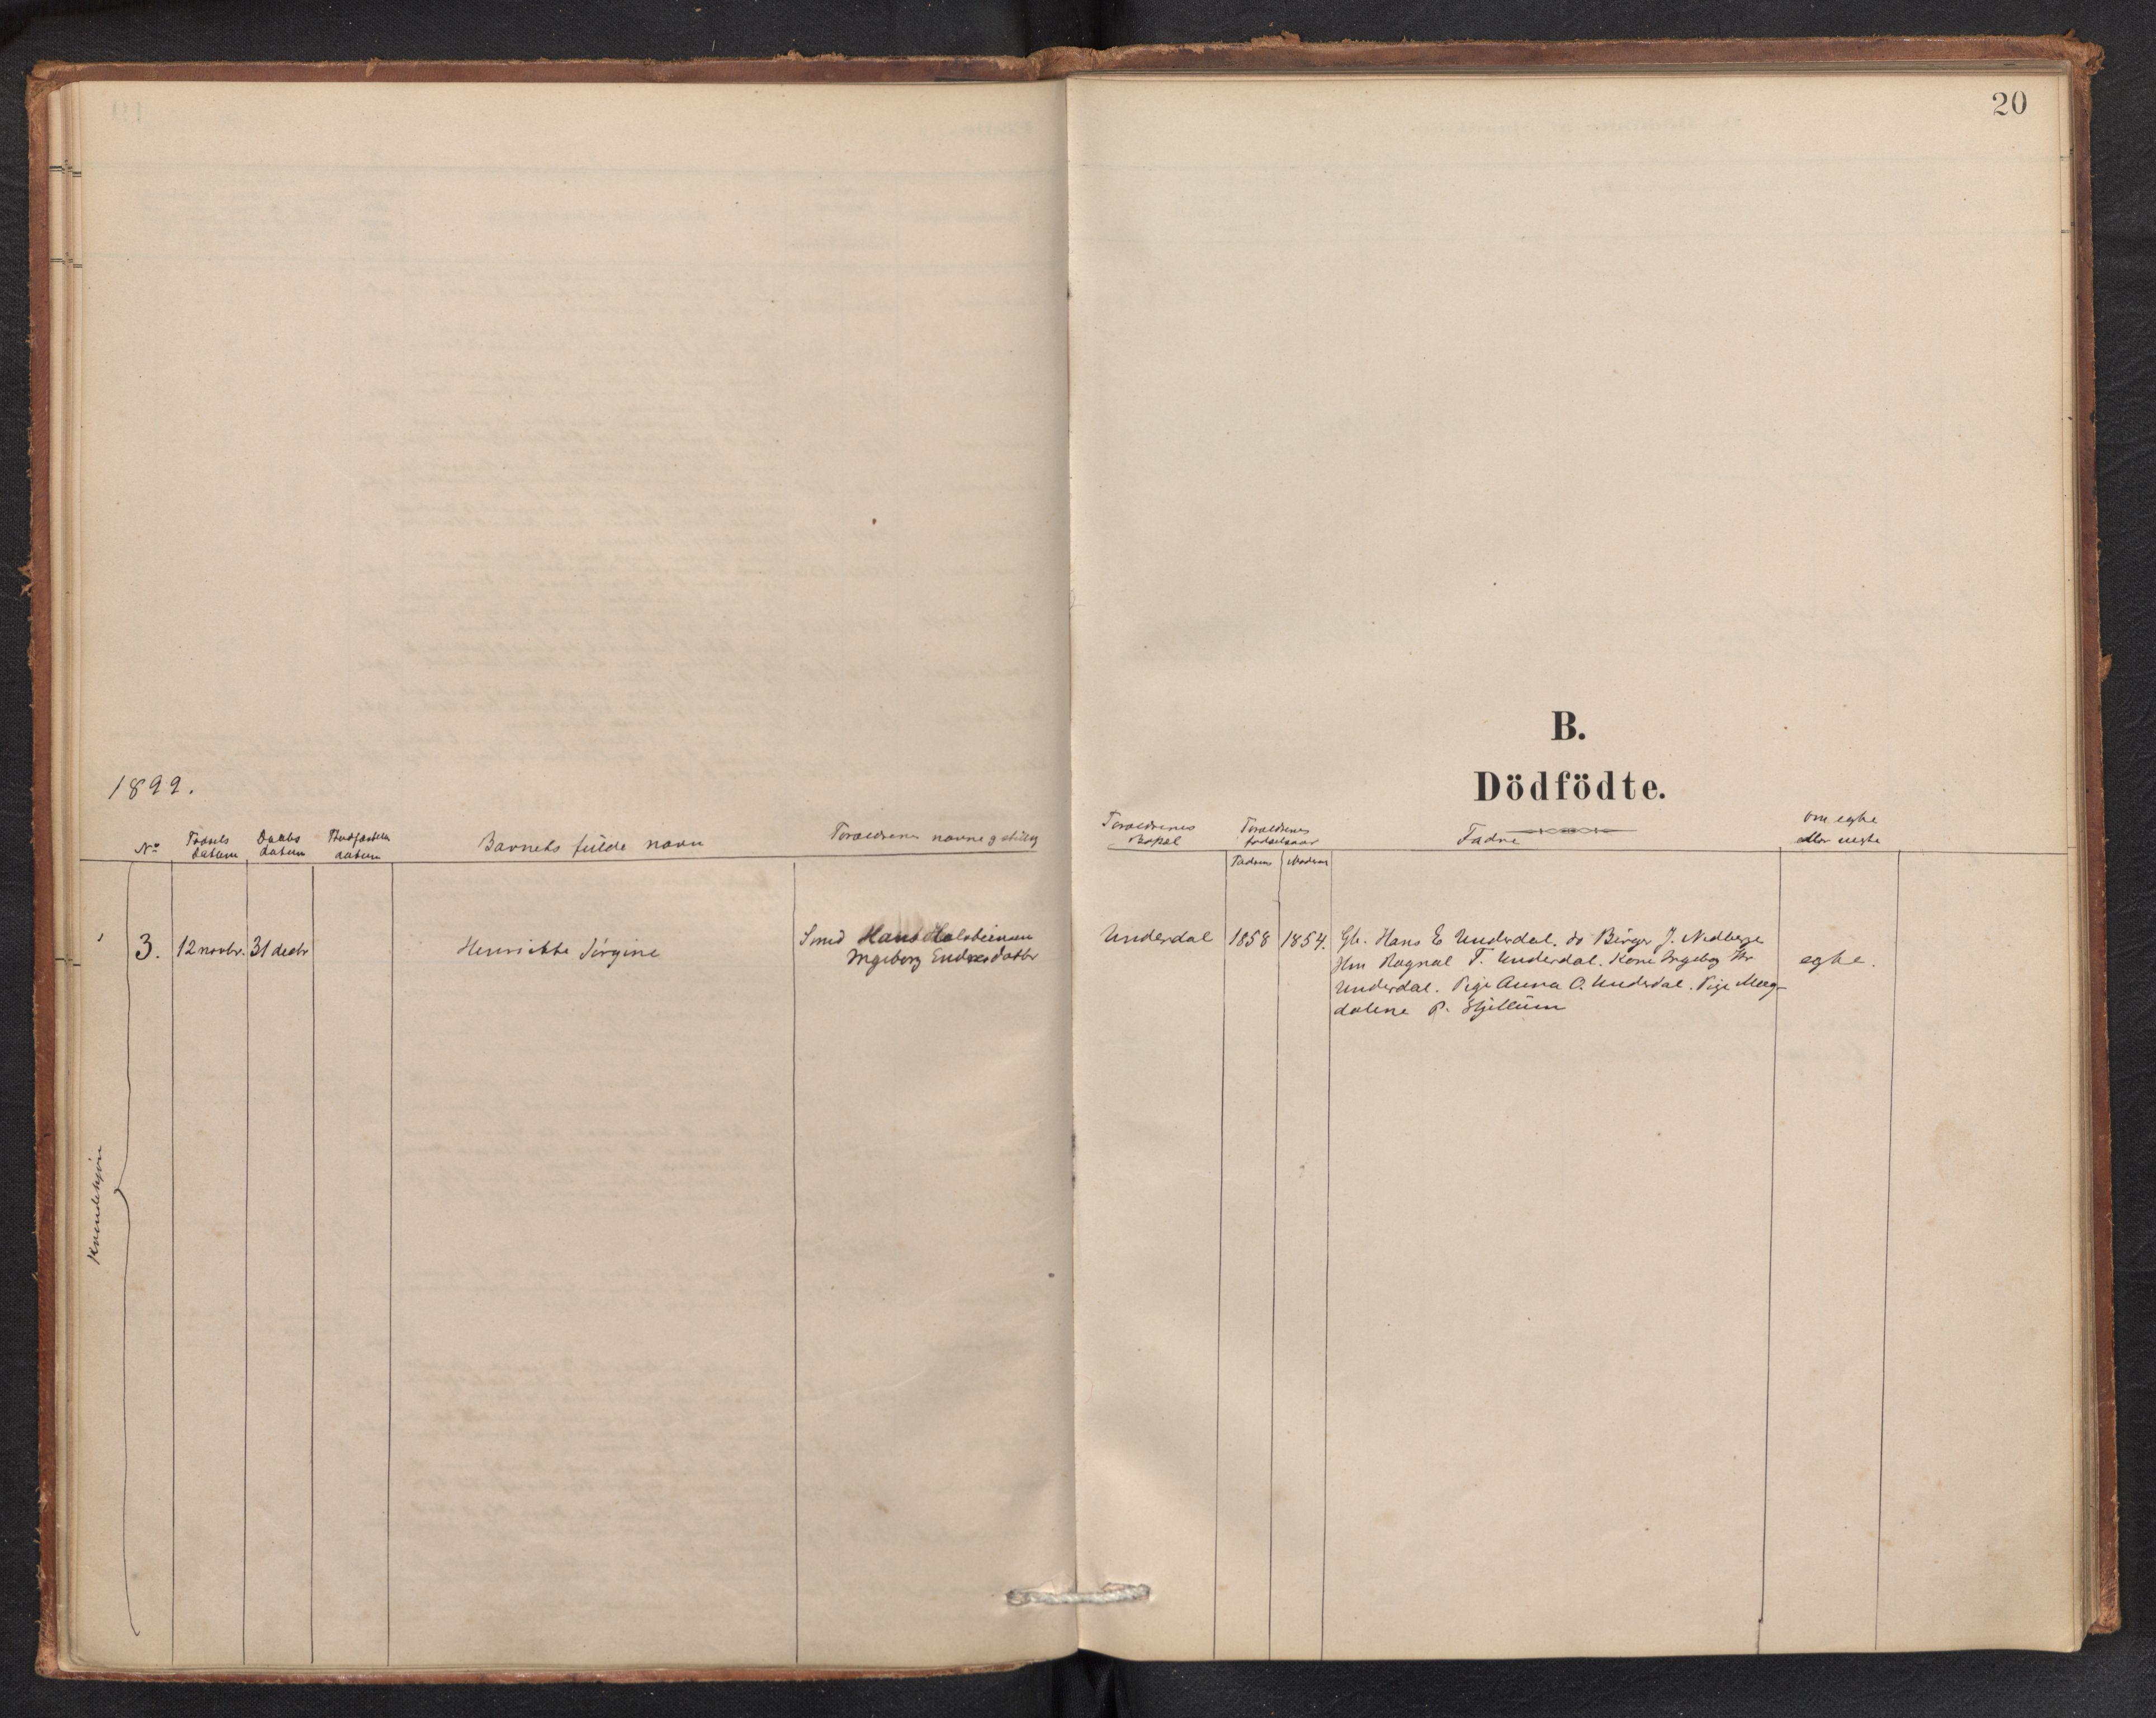 SAB, Aurland Sokneprestembete*, Ministerialbok nr. E 1, 1880-1907, s. 19b-20a